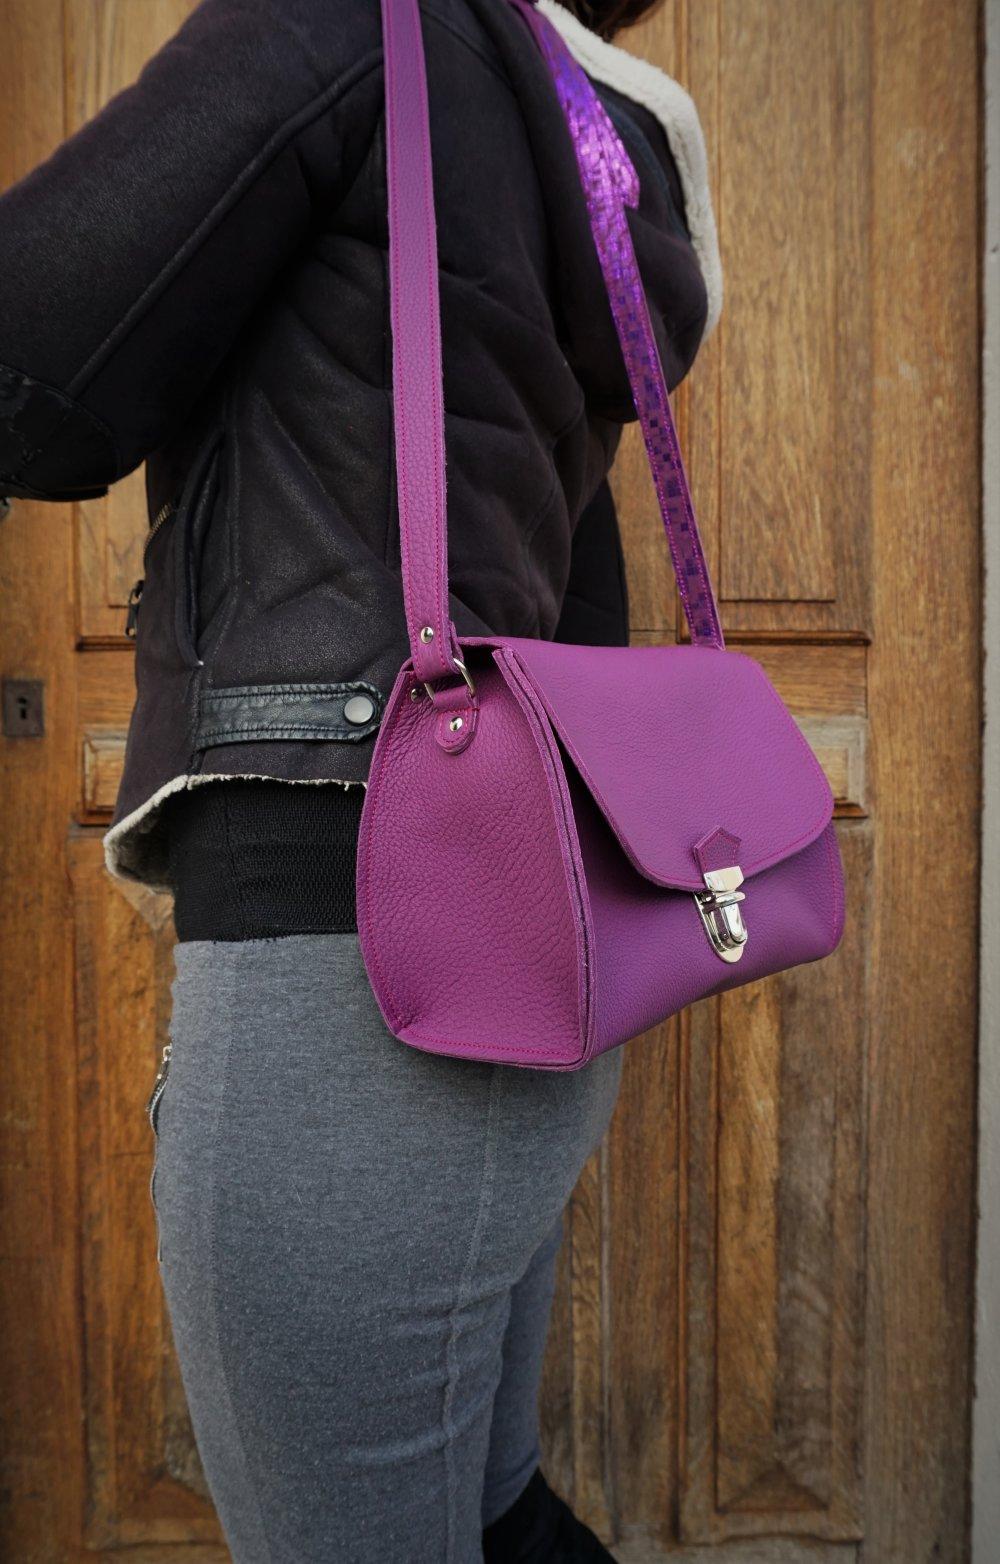 Cadeau pour femme ; sac bandoulière en cuir fuchsia ; besace femme en cuir ; idée cadeau made in France